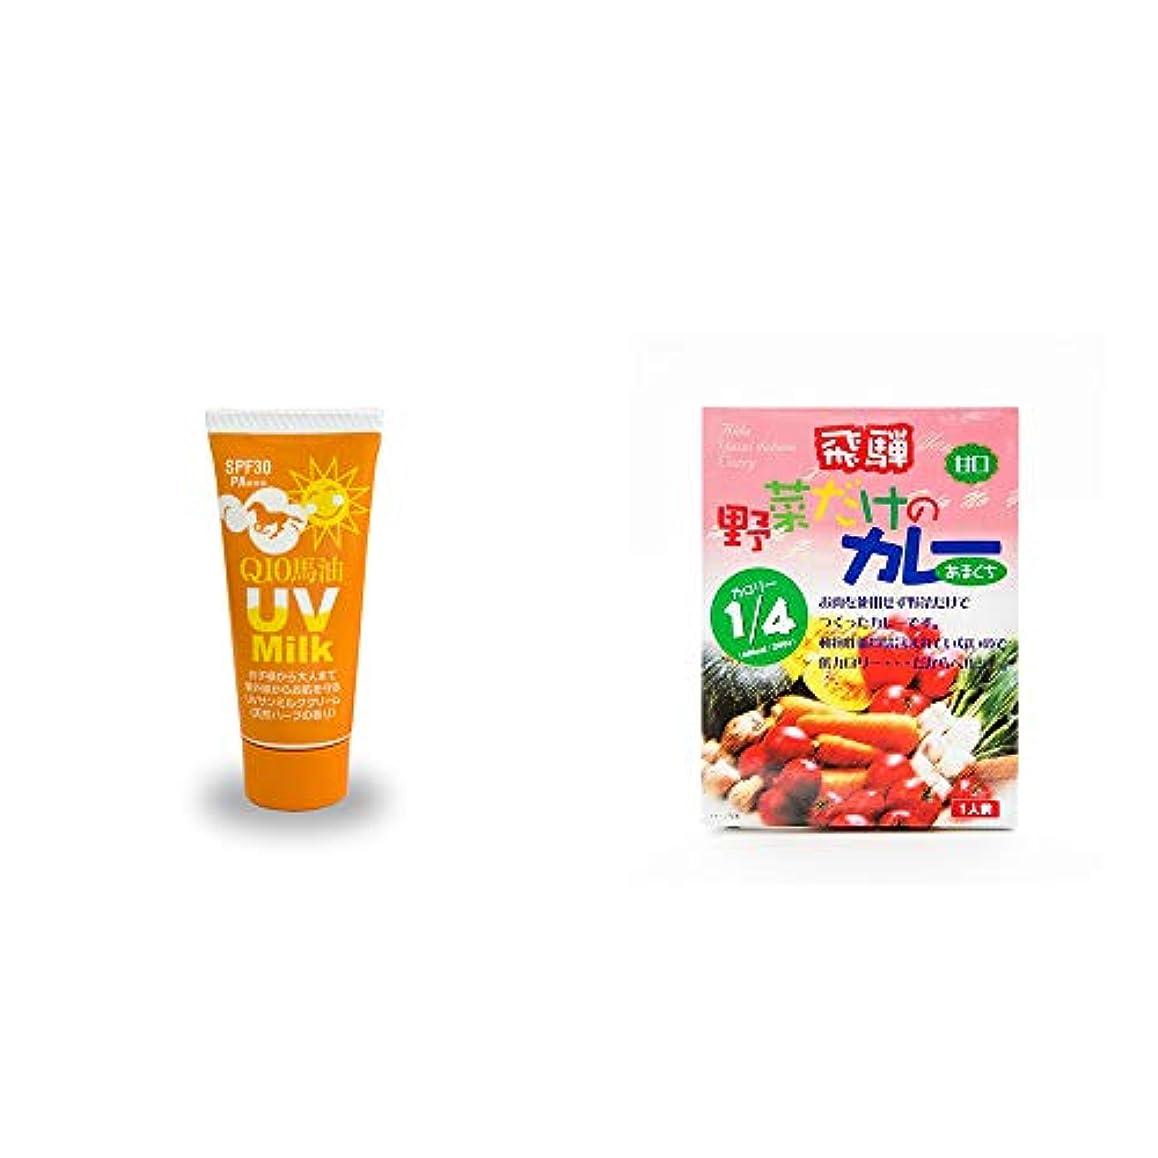 迷信適応スープ[2点セット] 炭黒泉 Q10馬油 UVサンミルク[天然ハーブ](40g)?天領食品 野菜だけのカレー 【甘口】 (1食分)